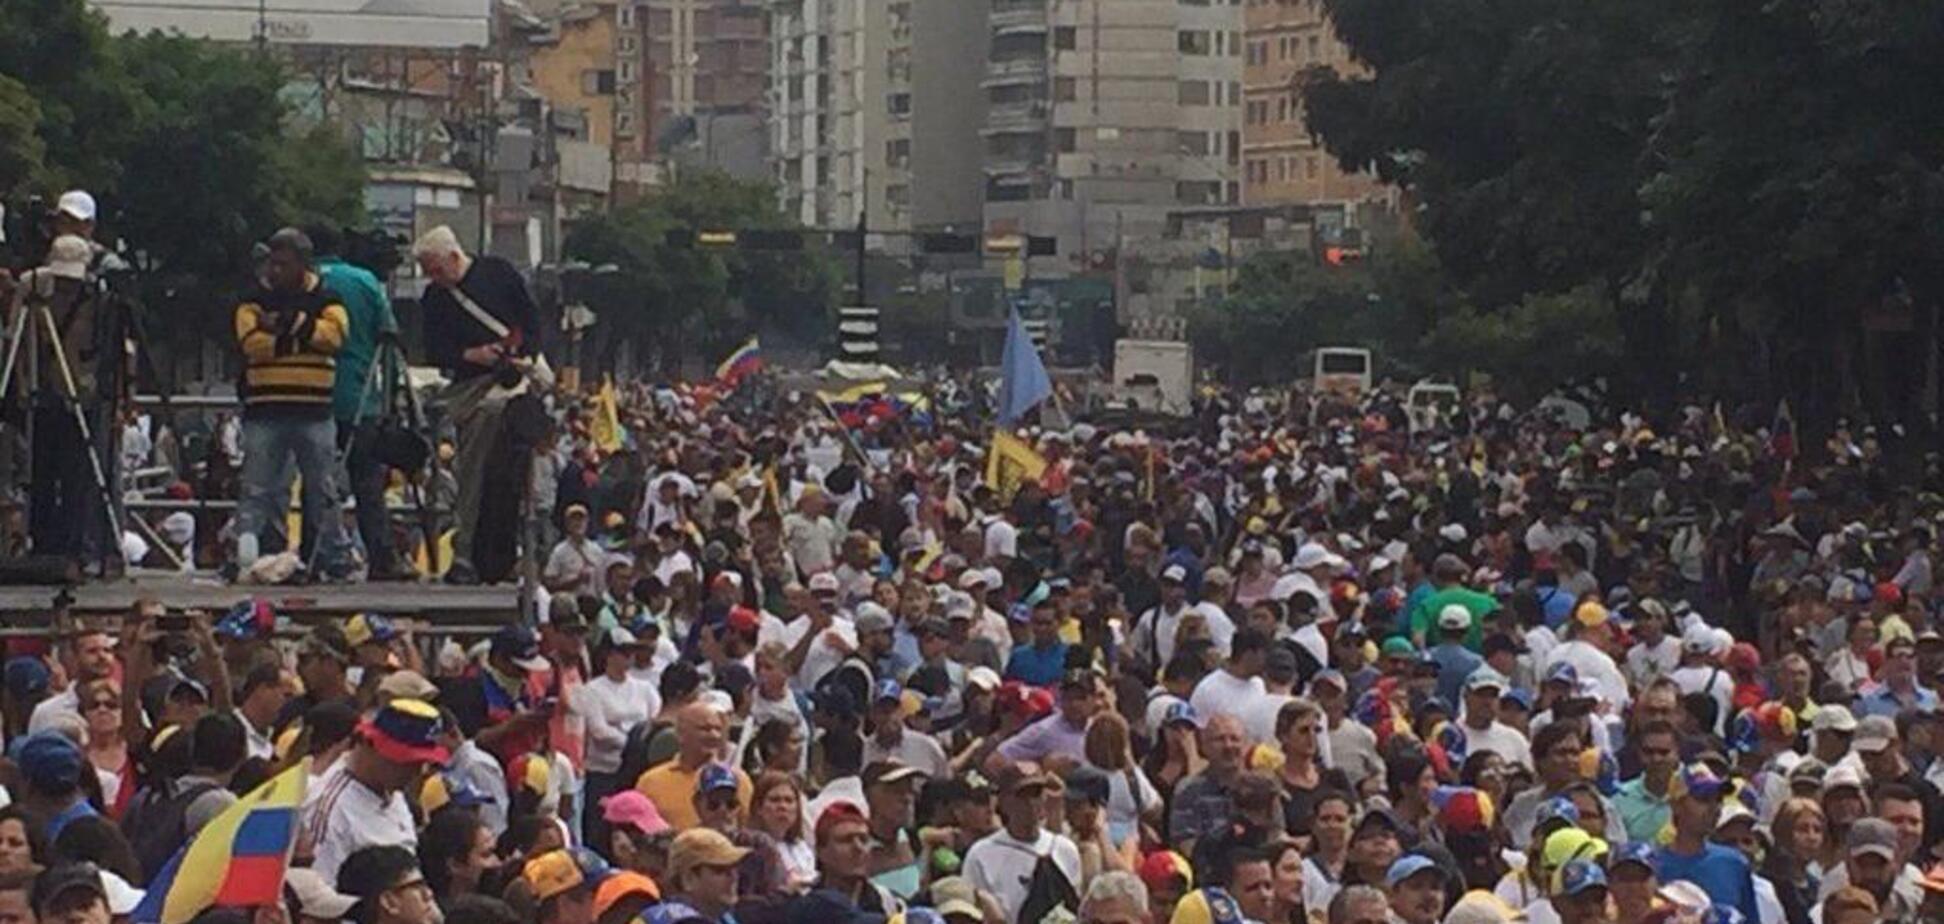 Революция в Венесуэле: силовики открыли стрельбу, есть раненые и убитые